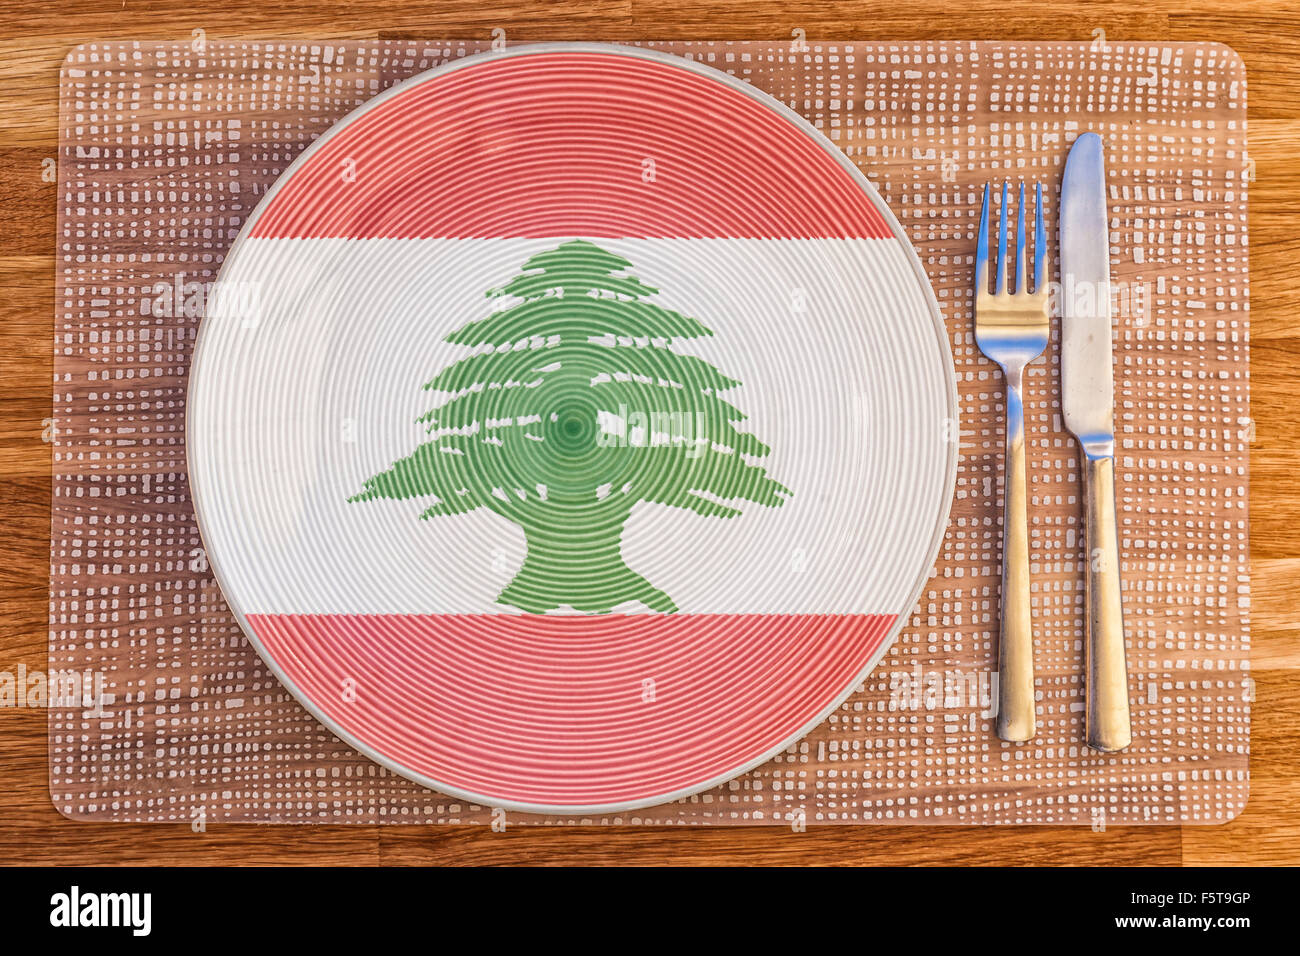 Teller mit der Flagge des Libanon darauf für Ihre internationale ...